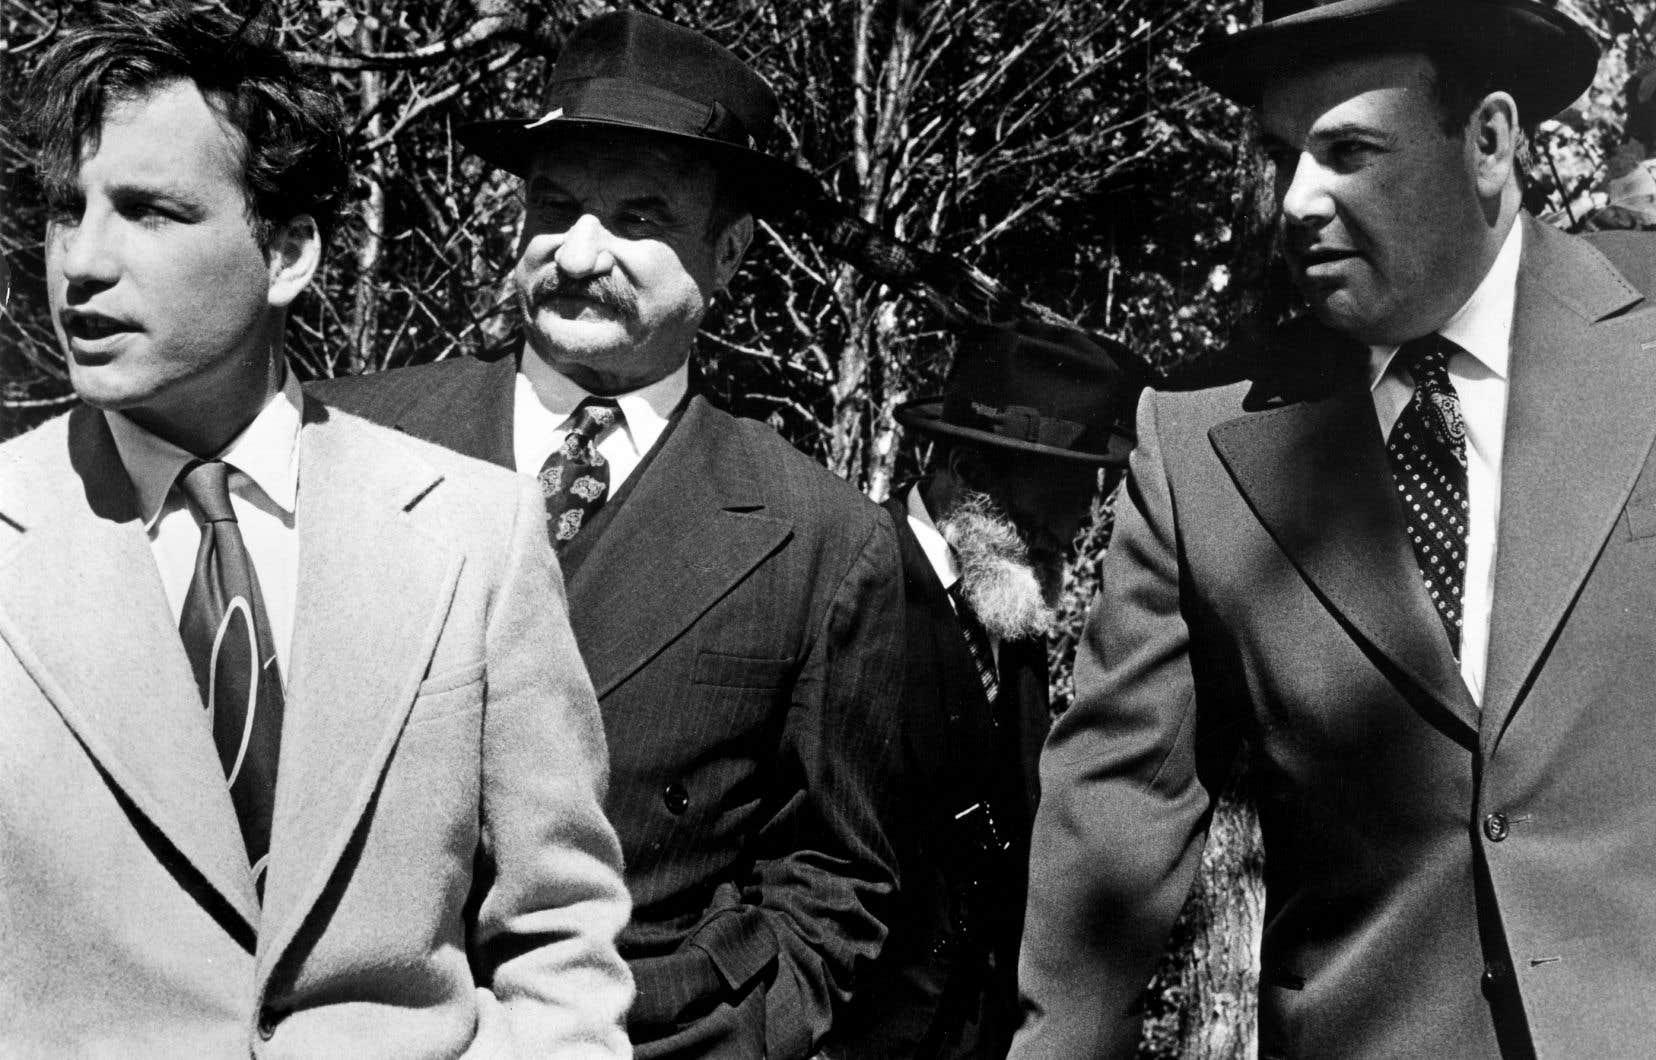 Une scène de «L'apprentissage de Duddy Kravitz», avec la présence d'acteurs américains (dont Richard Dreyfuss, à gauche, dans la peau de l'alter ego de l'écrivain Mordecai Richler, encore à ce jour un de ses plus grands rôles).